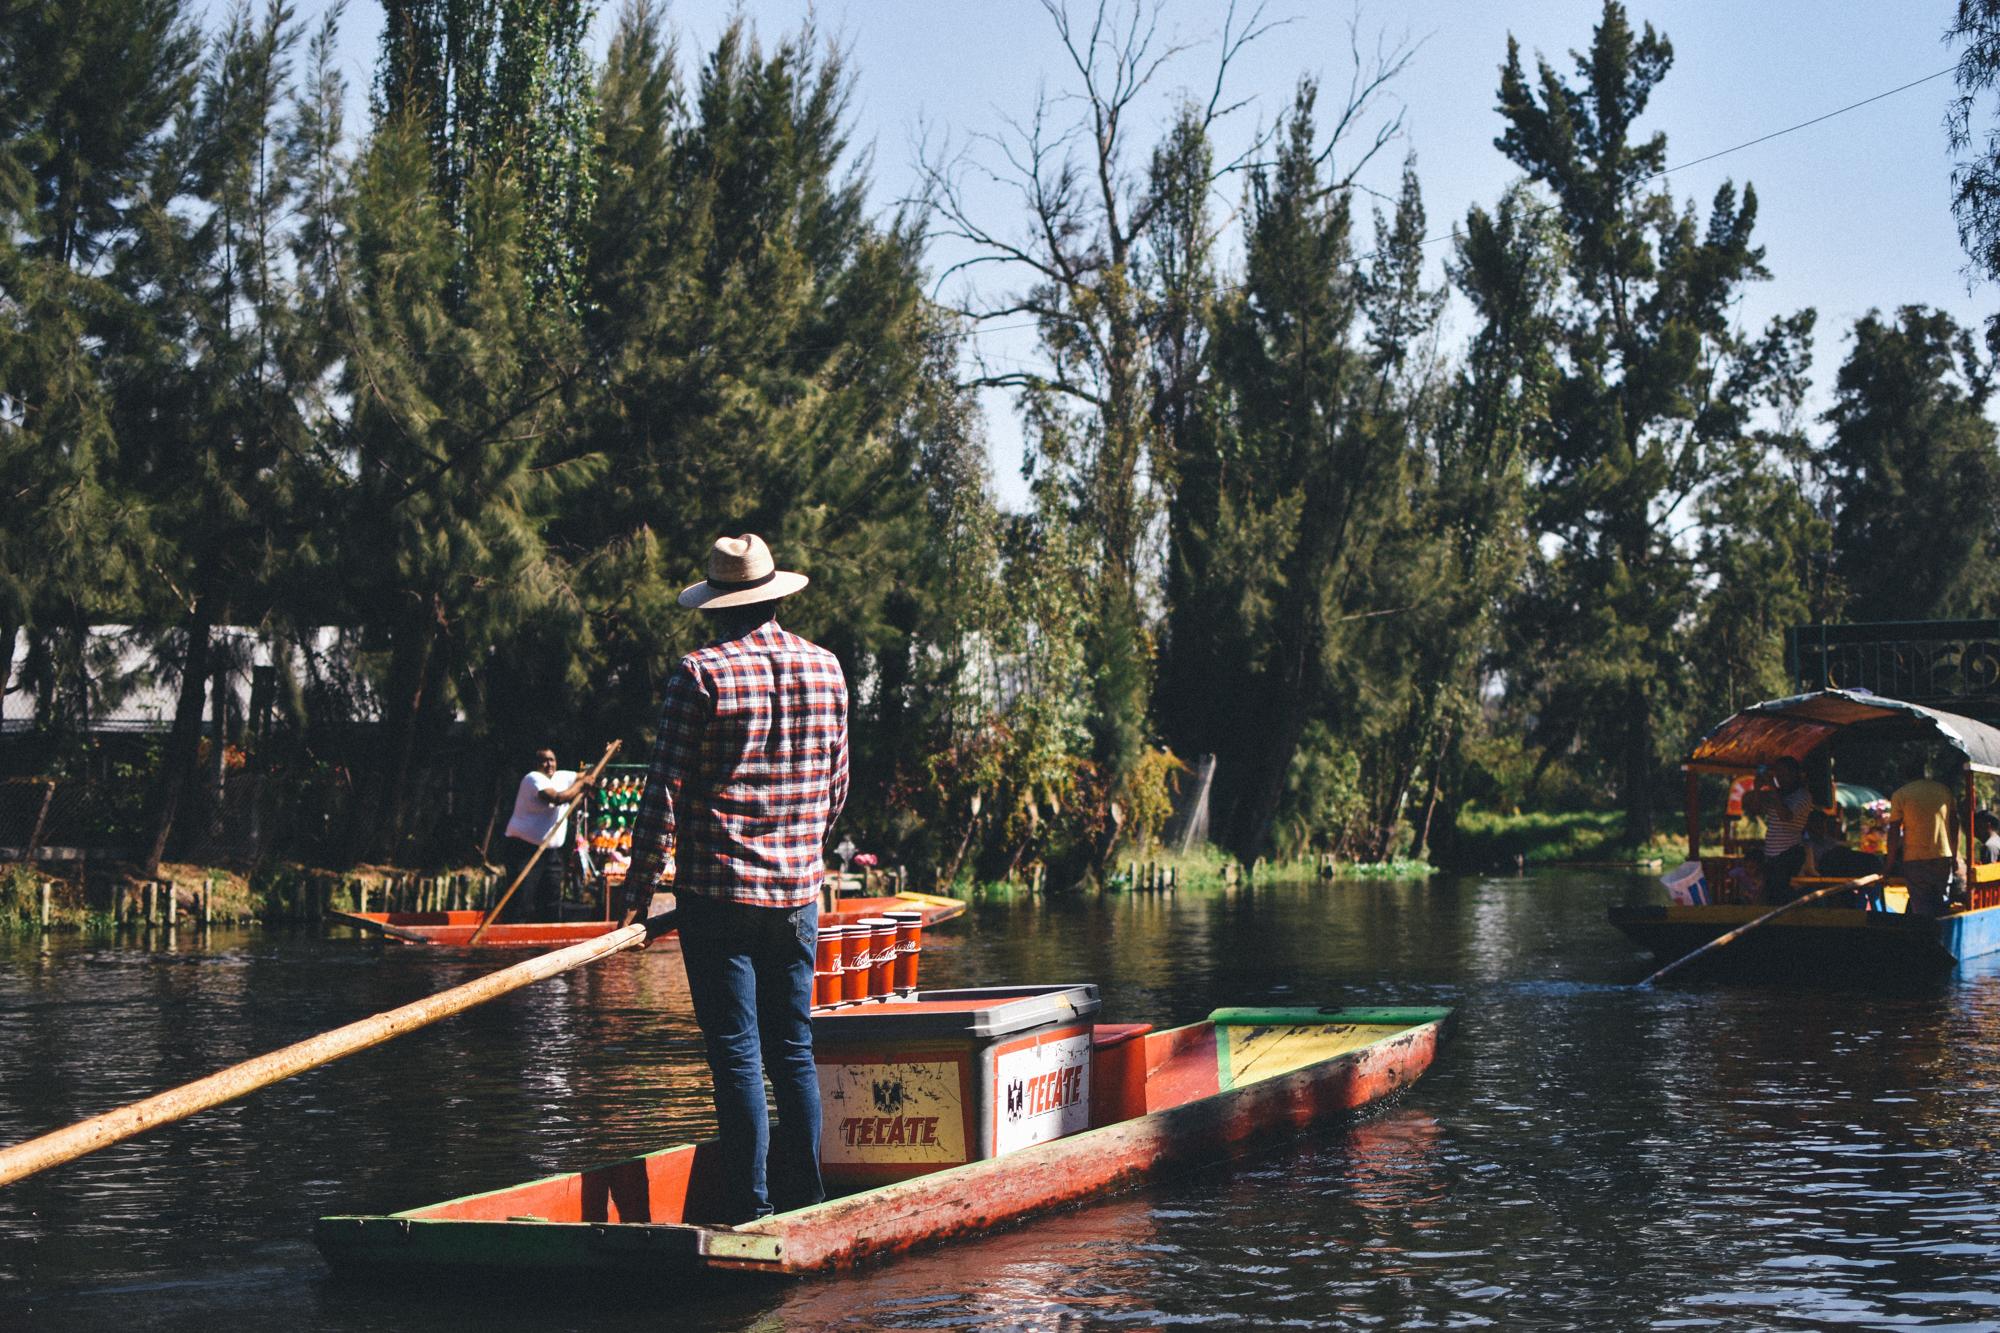 Kyle Studstill_photojournal_travel_Mexico City-44.jpg